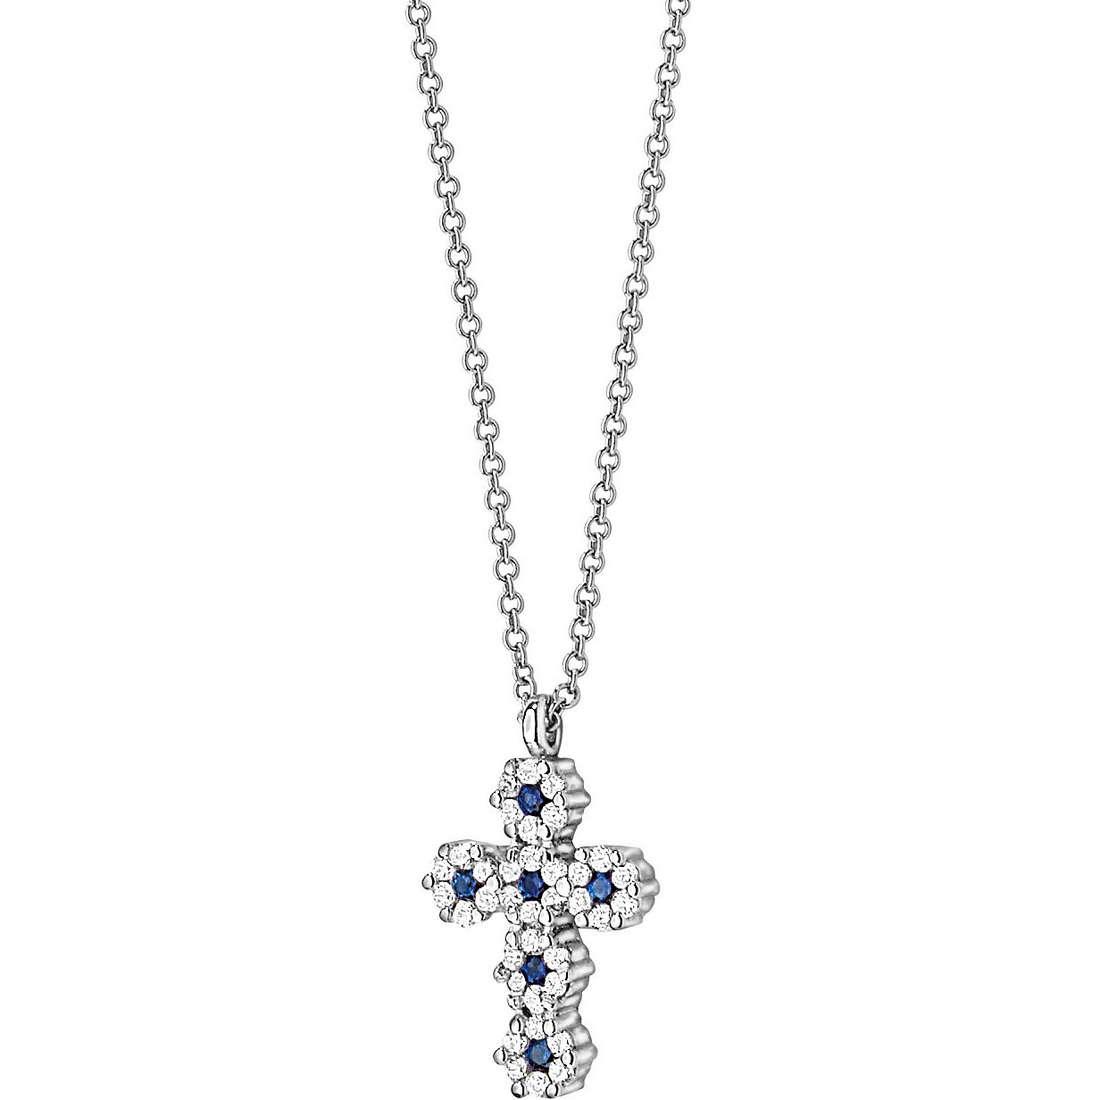 collana donna gioielli Comete Pietre preziose colorate GLB 629